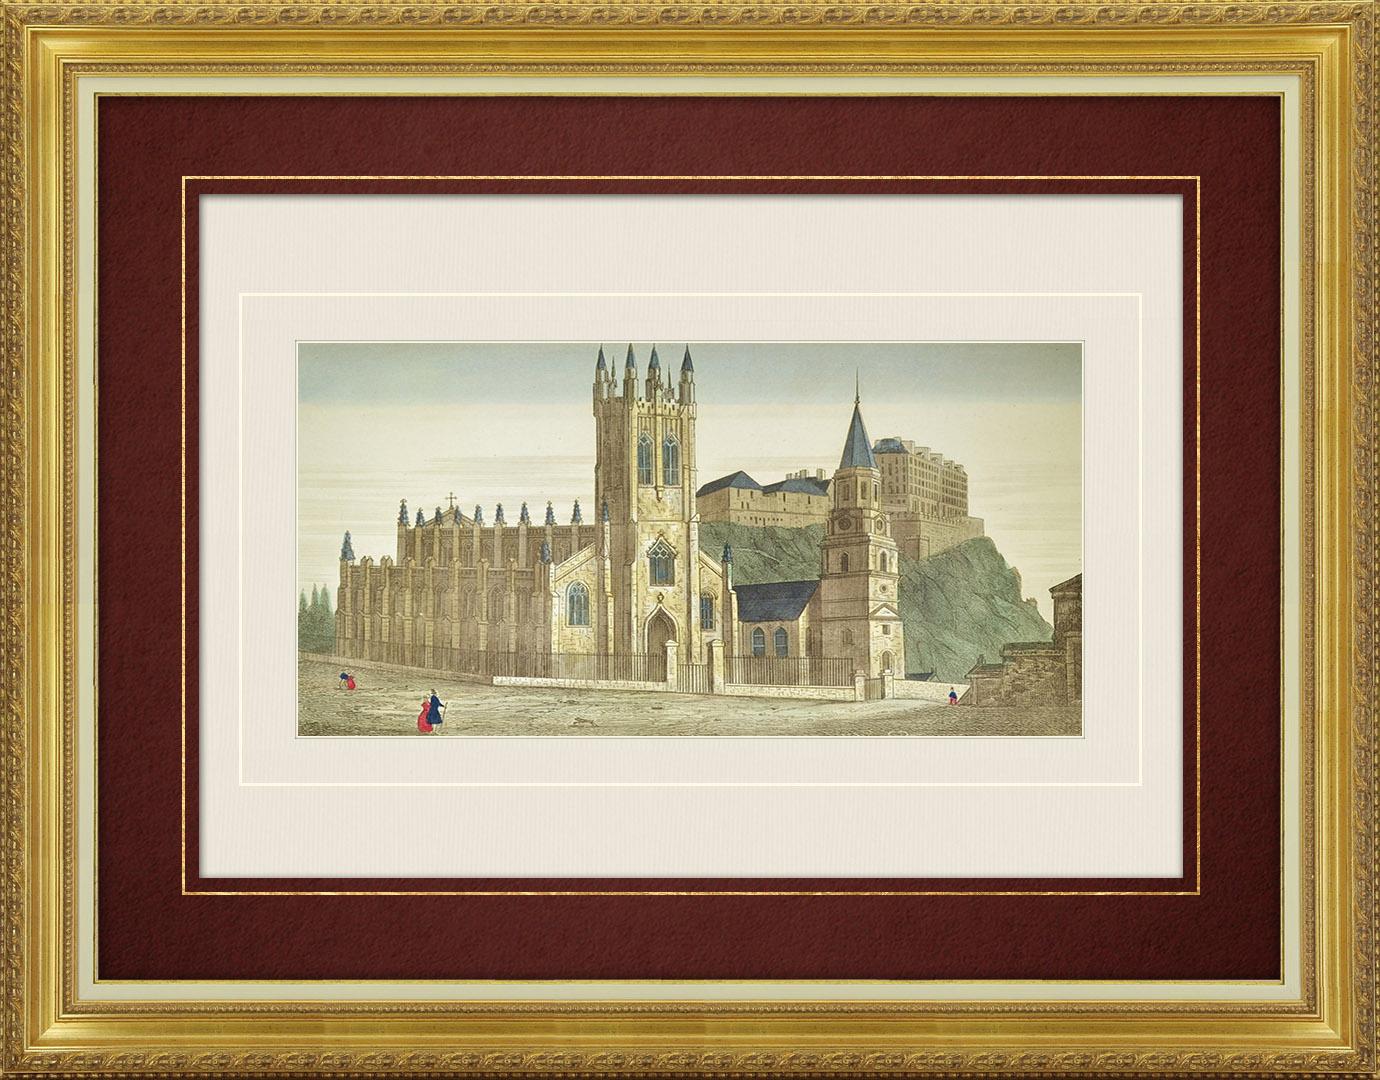 Vue d'optique du 19e siècle en coloris d'époque de la Chapelle St Jean et de l'Eglise St Cuthbert à Edimbourg (Ecosse)